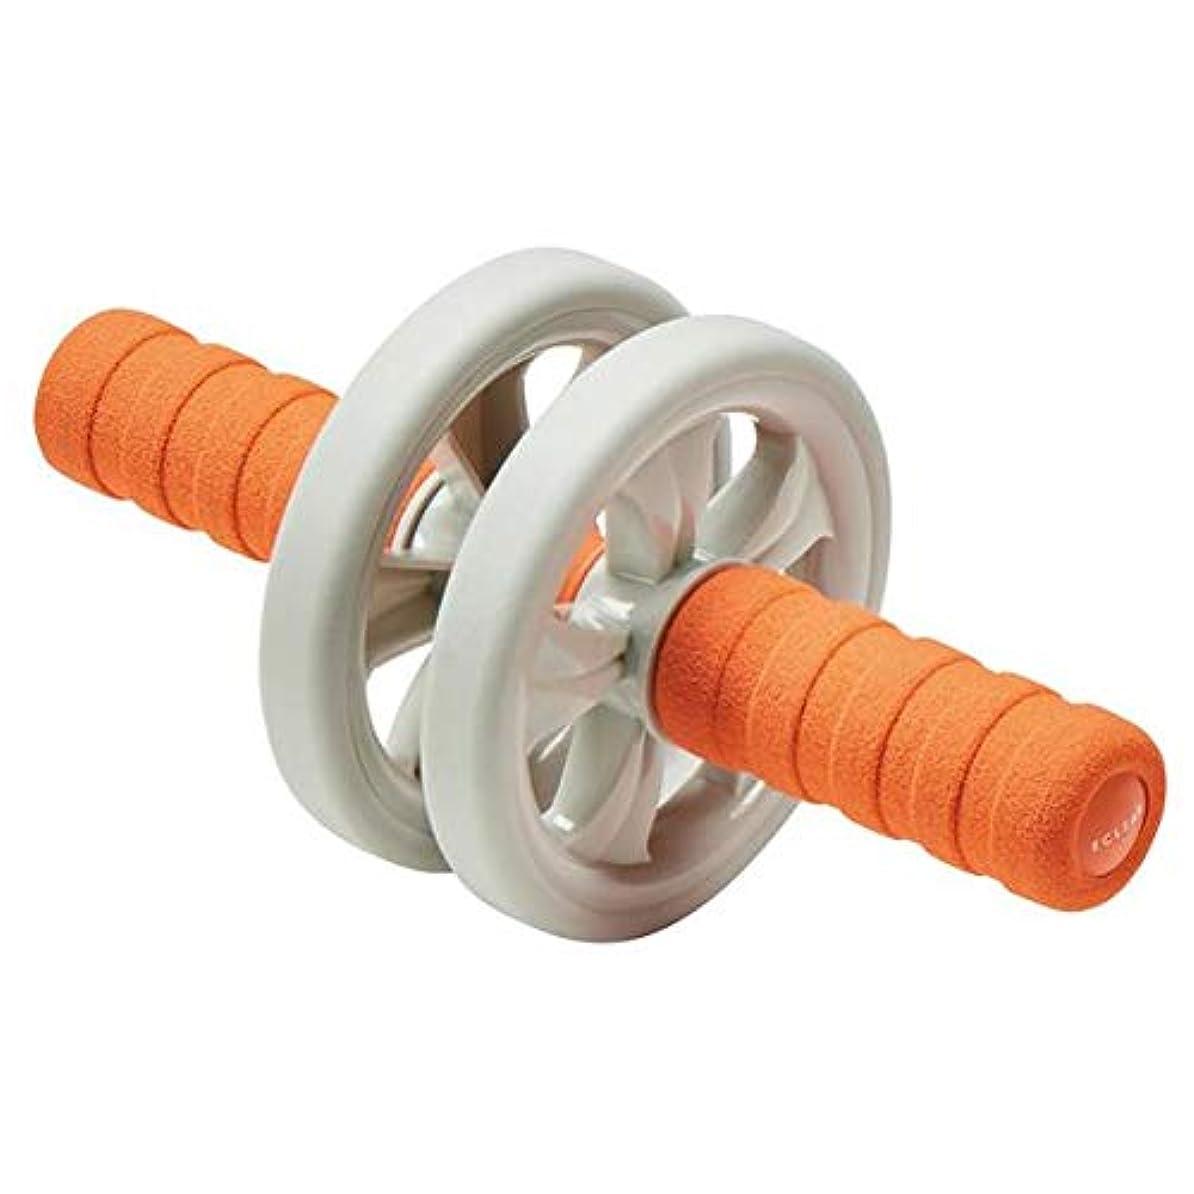 差別注入頑張るHCF-ARSDR(オレンジ) エクリア スポ-ツ 腹筋ロ-ラ- ショ-ト